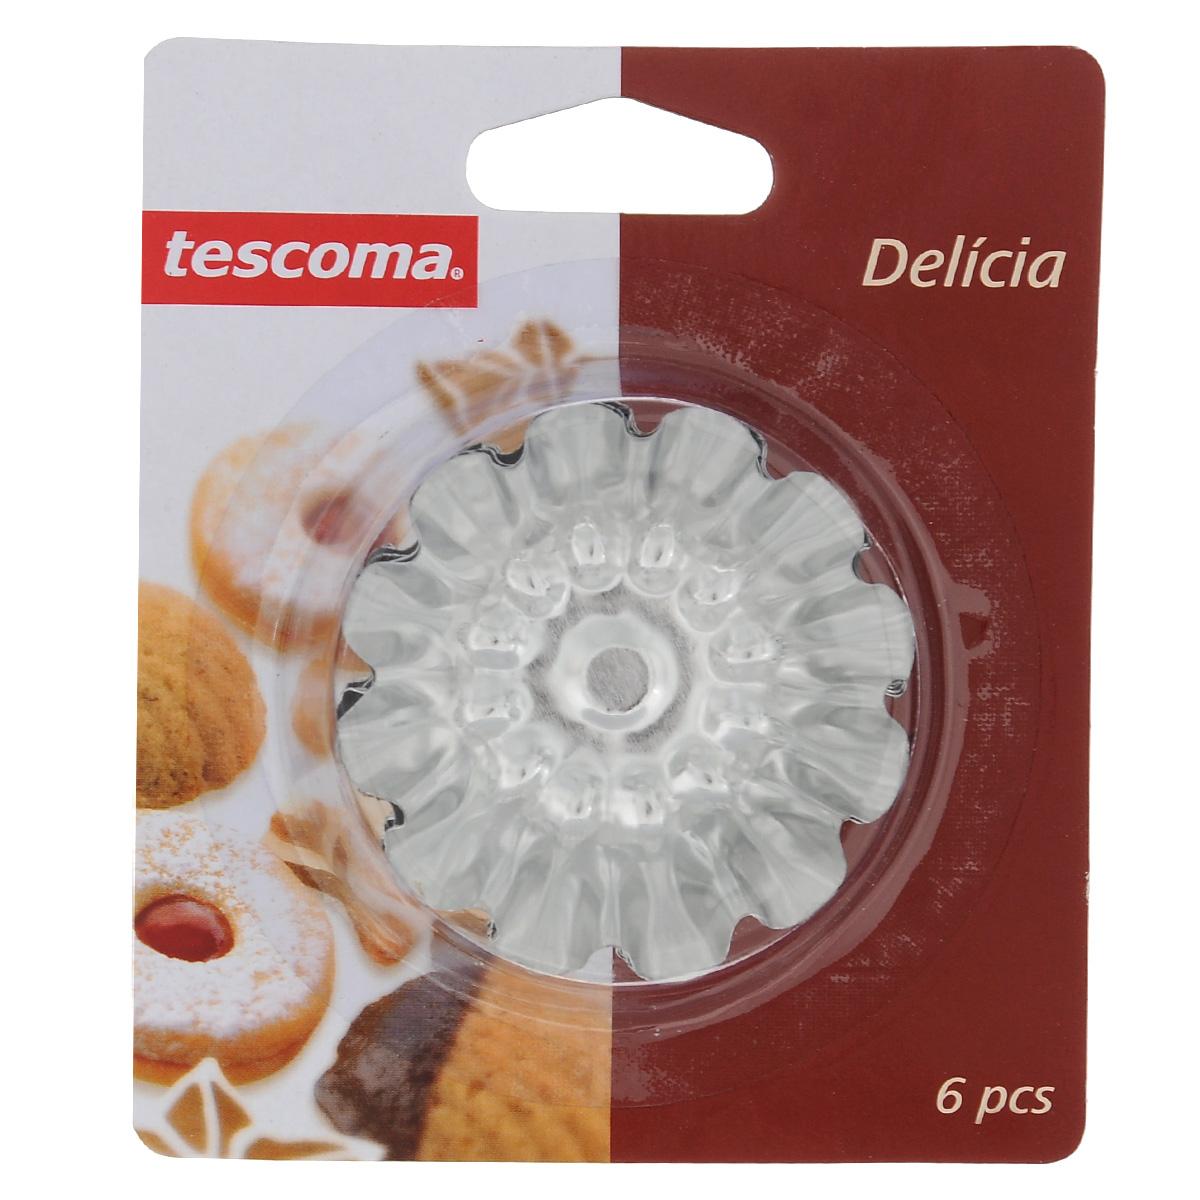 Набор форм для выпечки Tescoma Delicia, с антипригарным покрытием, диаметр 7 см, 6 шт набор бумажных форм для кексов home queen народные узоры диаметр 7 3 см 25 шт